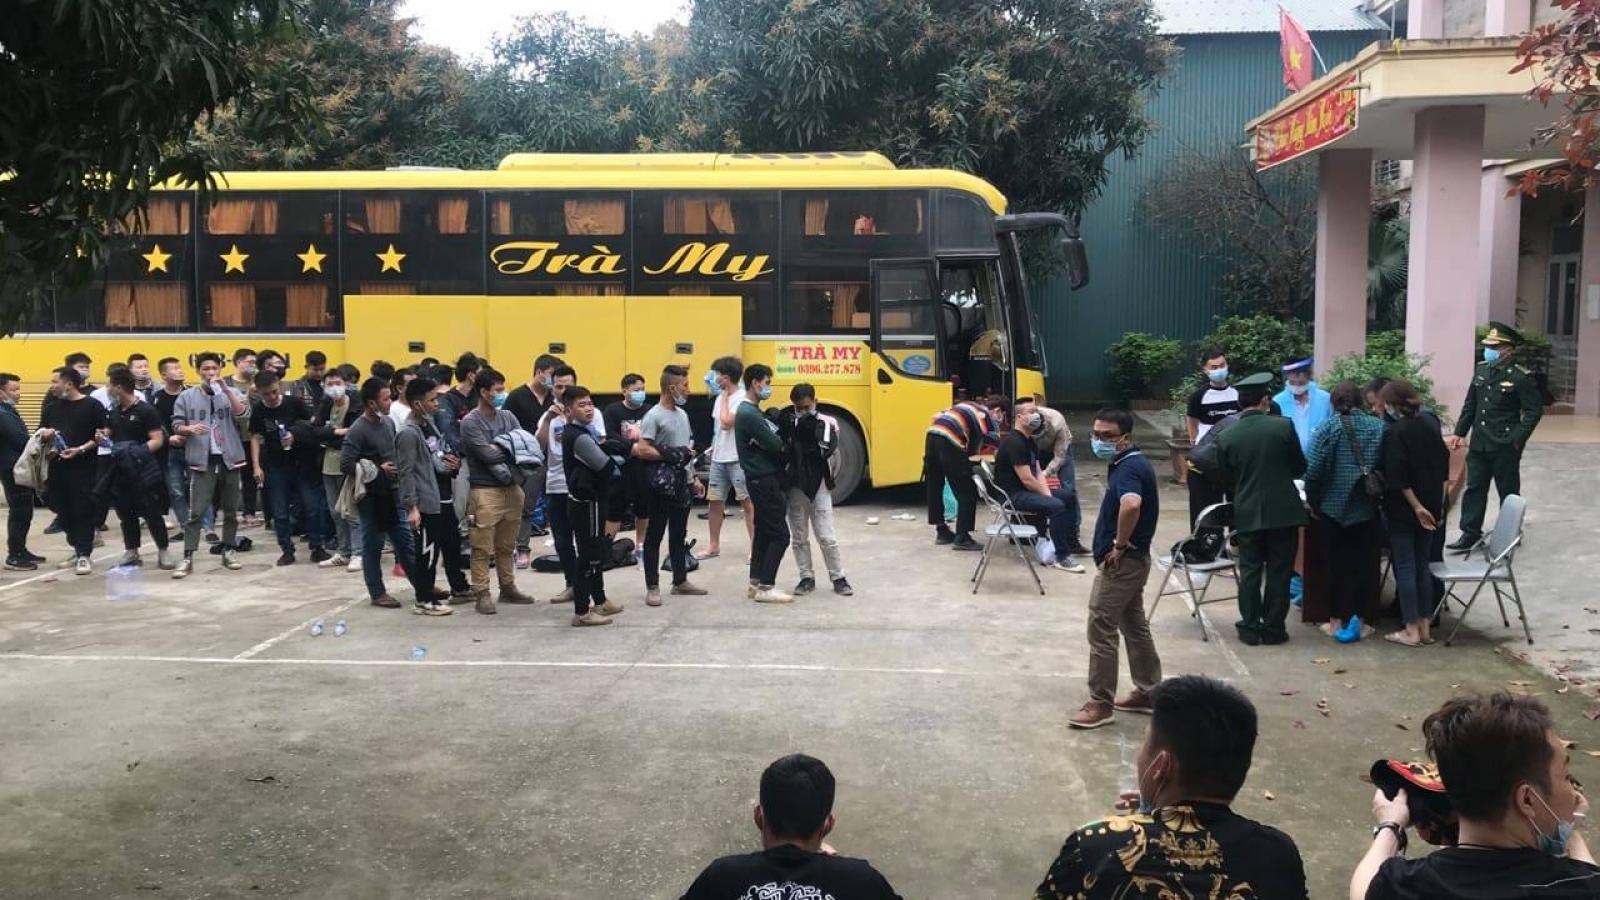 Tạm giữ hình sự chủ xe và tài xế xe khách chở 53 người Trung Quốc nhập cảnh trái phép